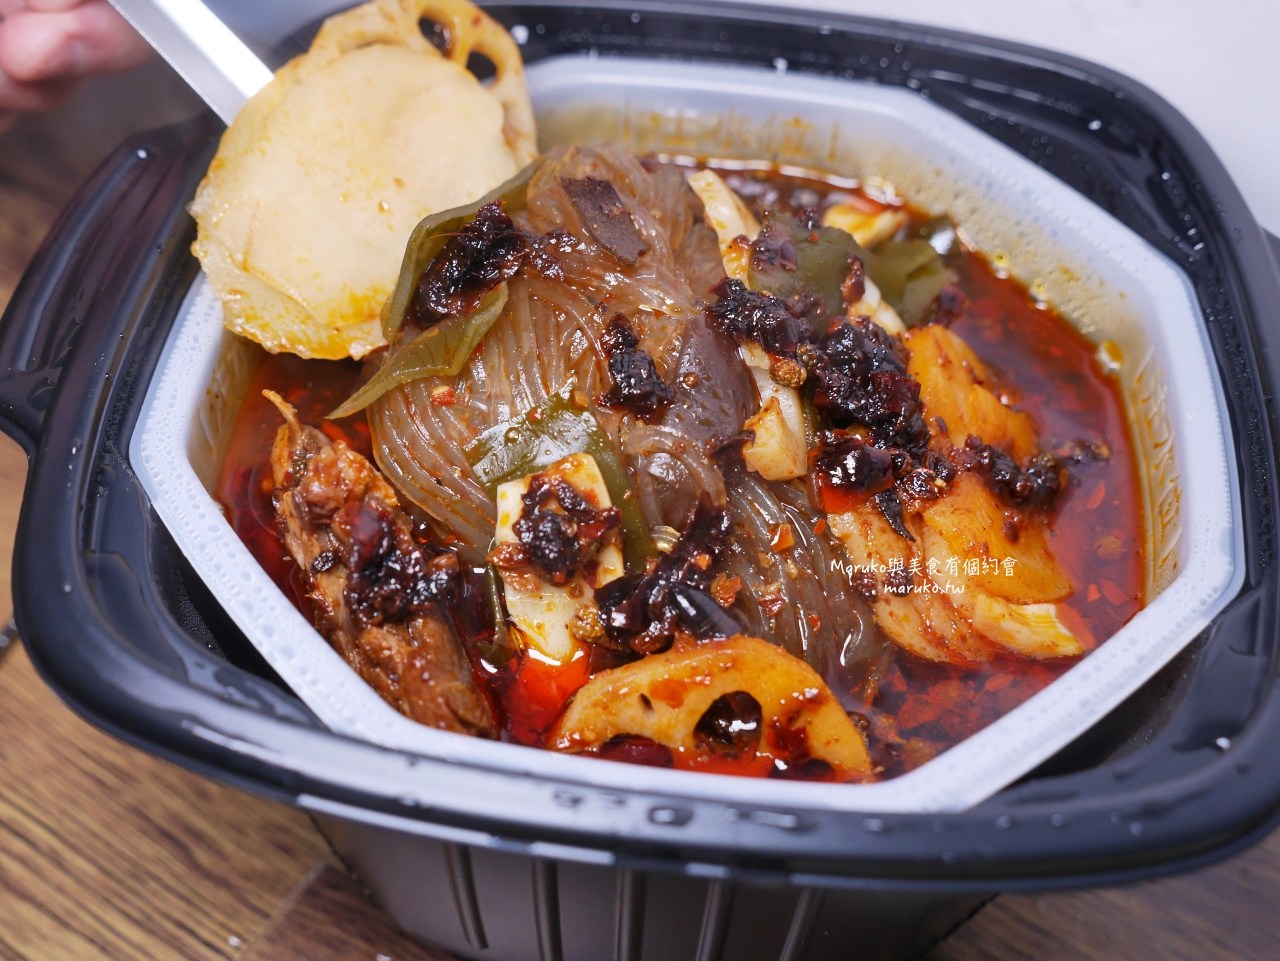 【海底撈】麻辣清油鍋底/麻辣嫩牛自煮火鍋套餐/免訂位在家煮/料理包簡單開鍋 @Maruko與美食有個約會